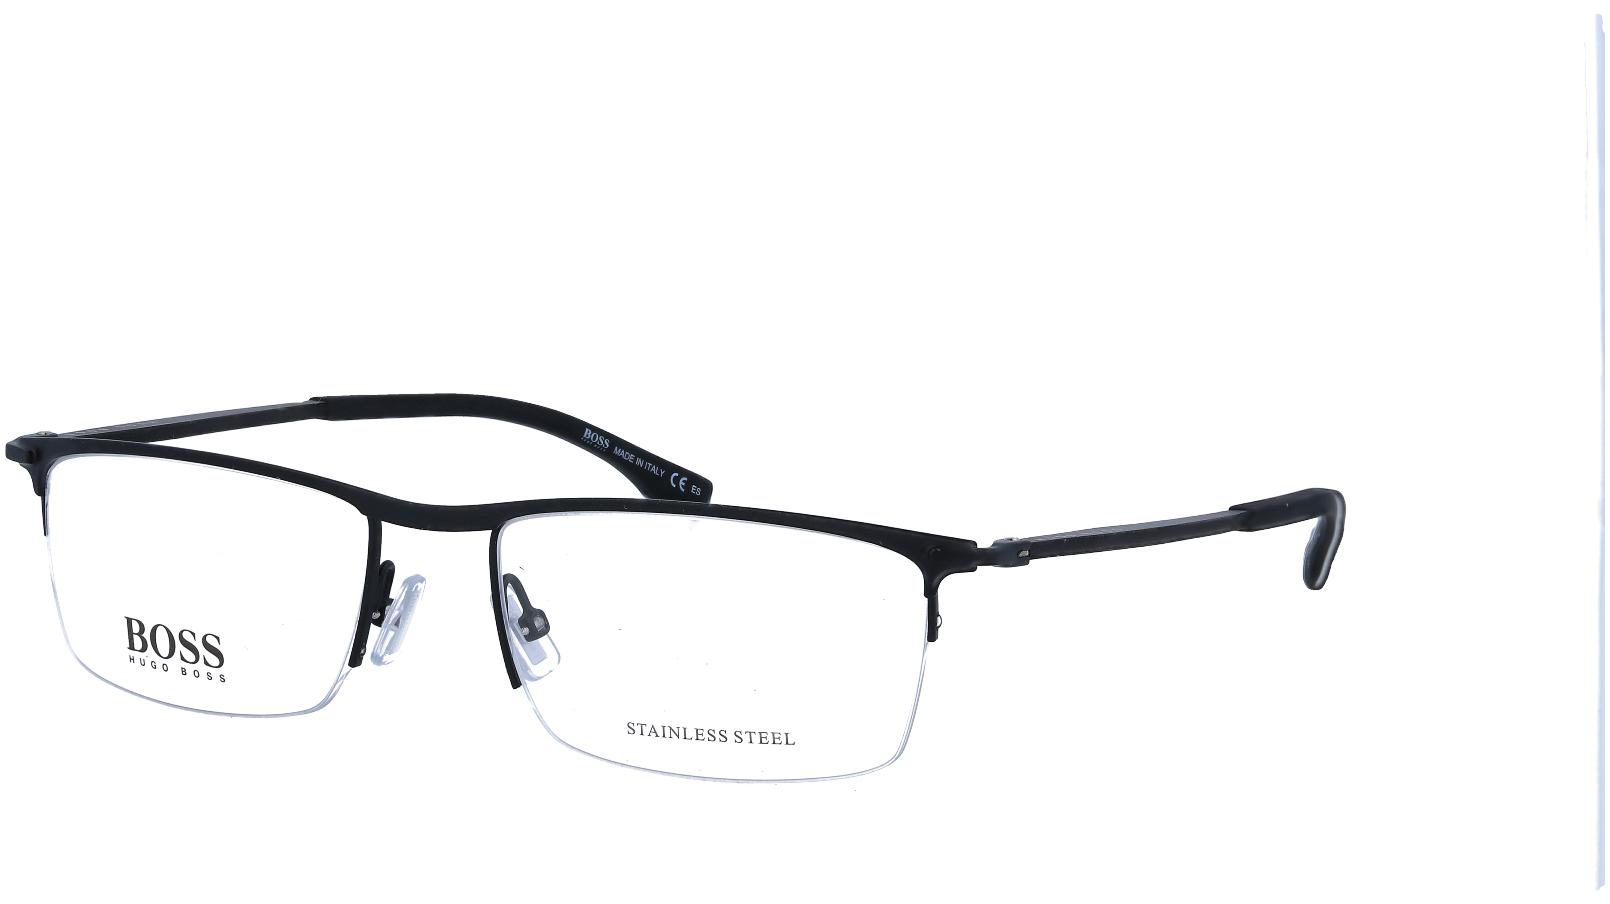 HUGO BOSS BOSS0940 2P6 55 BLACK Glasses